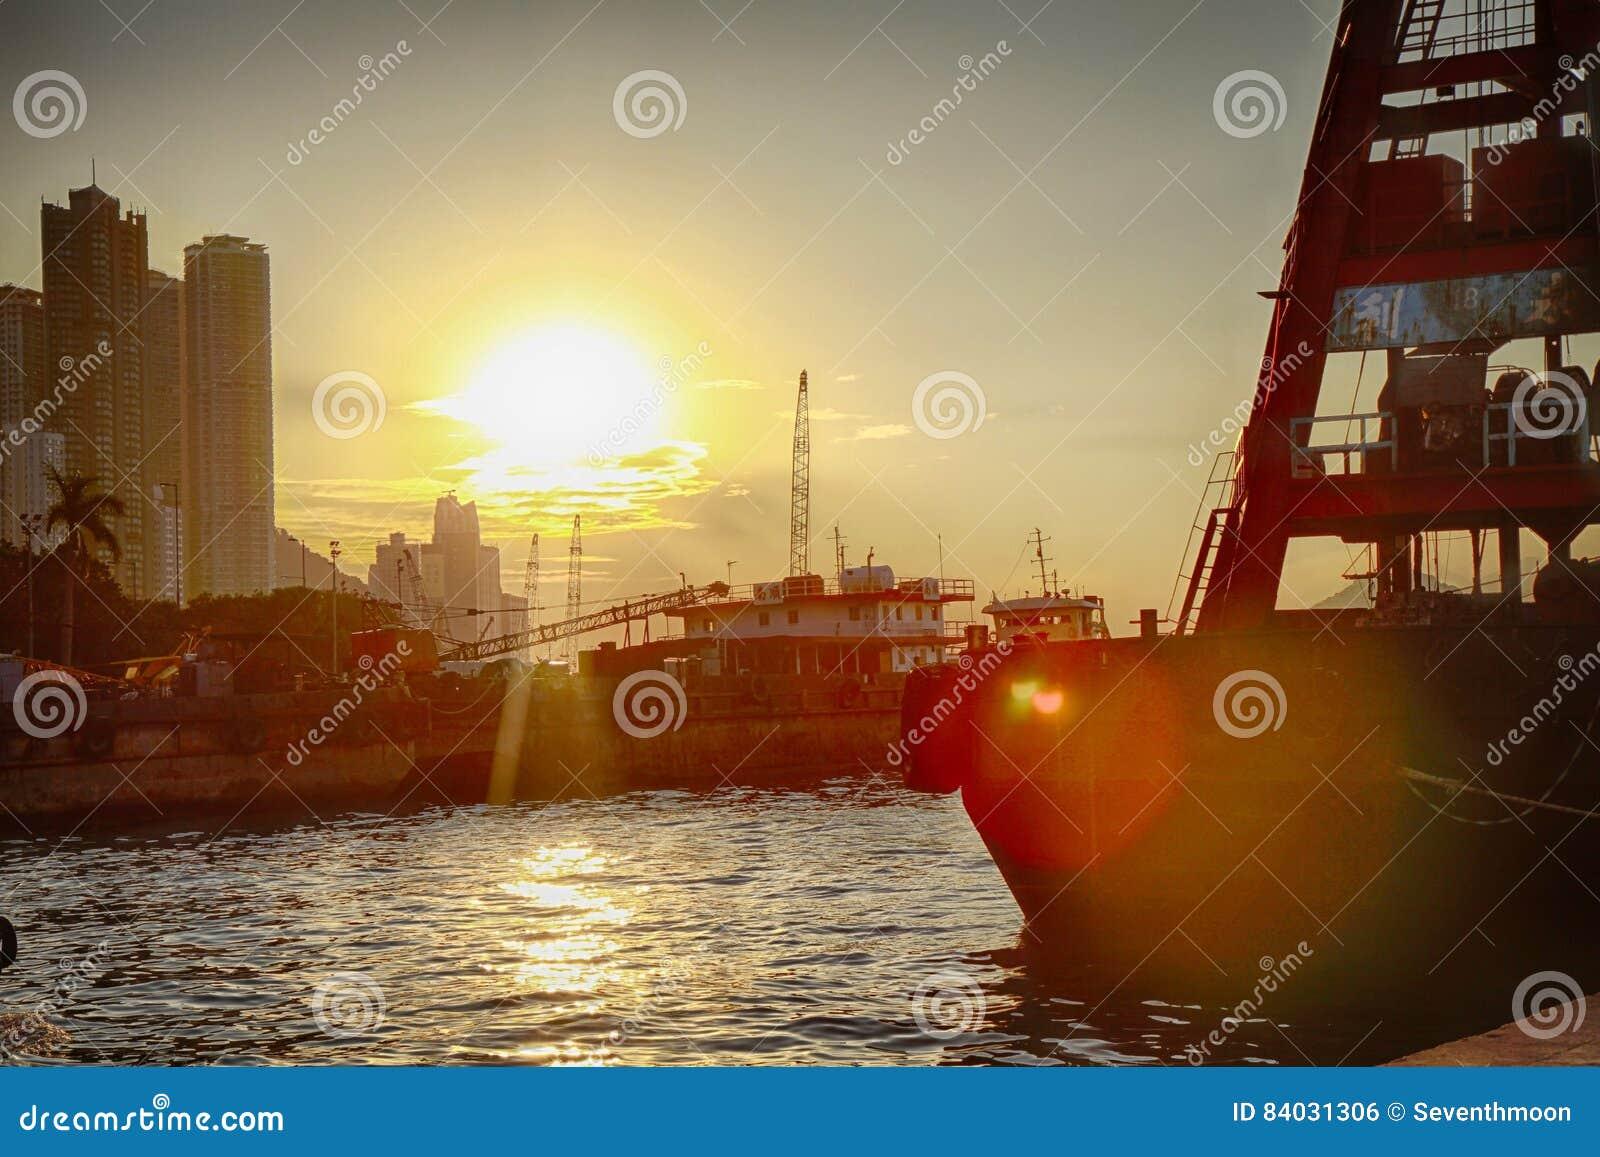 Ηλιοβασίλεμα με τη θάλασσα και το σκάφος